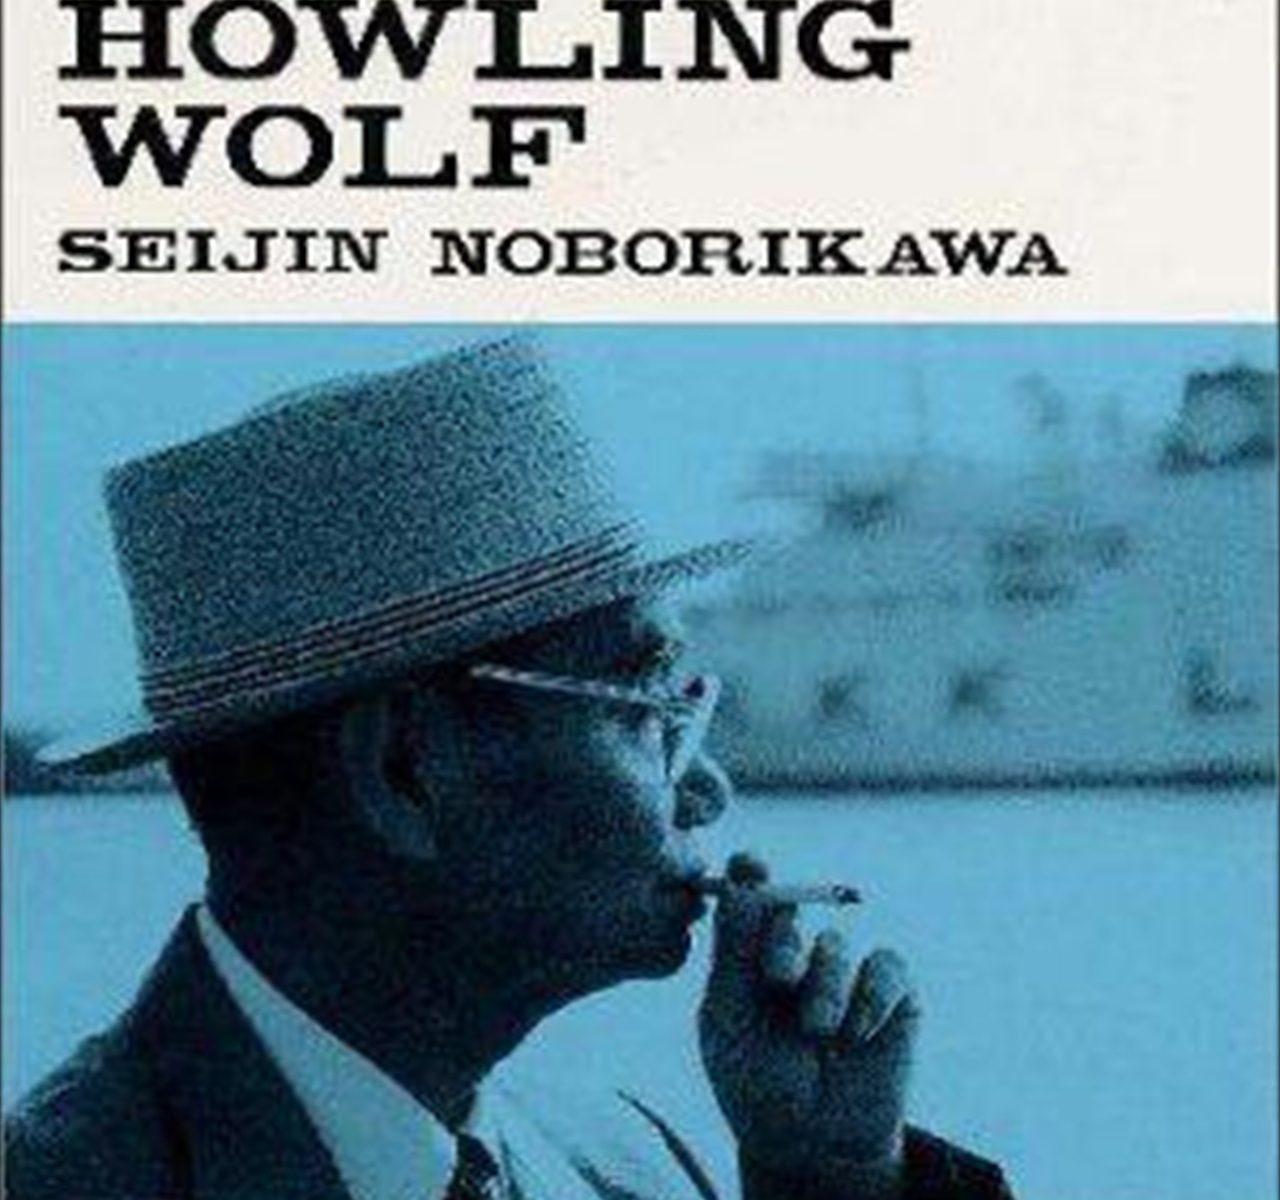 登川誠仁さんの代表的アルバム、「ハウリン・ウルフ」